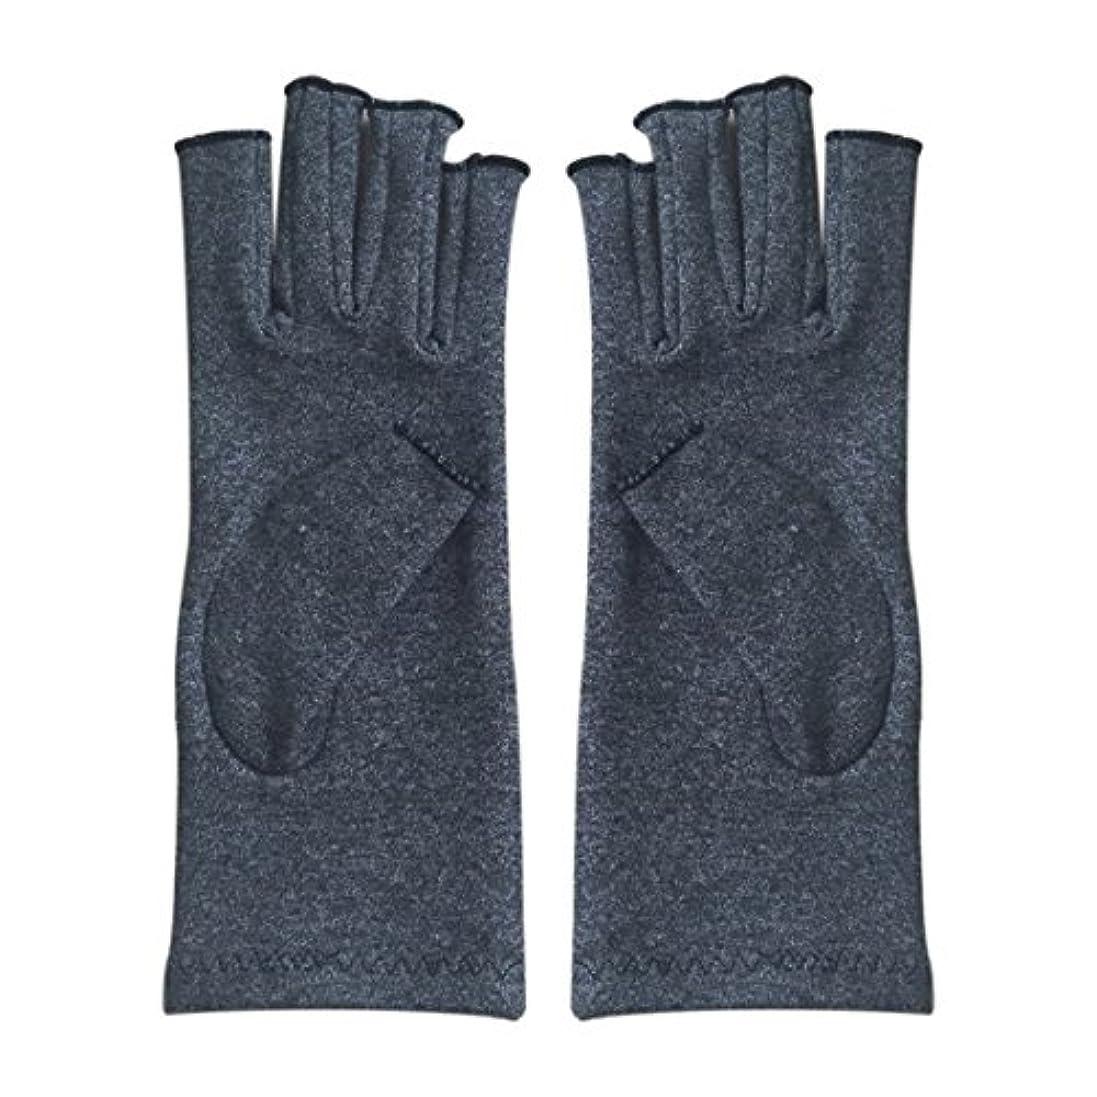 好き置き場ハーブCikuso 1ペア成人男性女性用弾性コットンコンプレッション手袋手関節炎関節痛鎮痛軽減M - 灰色、M